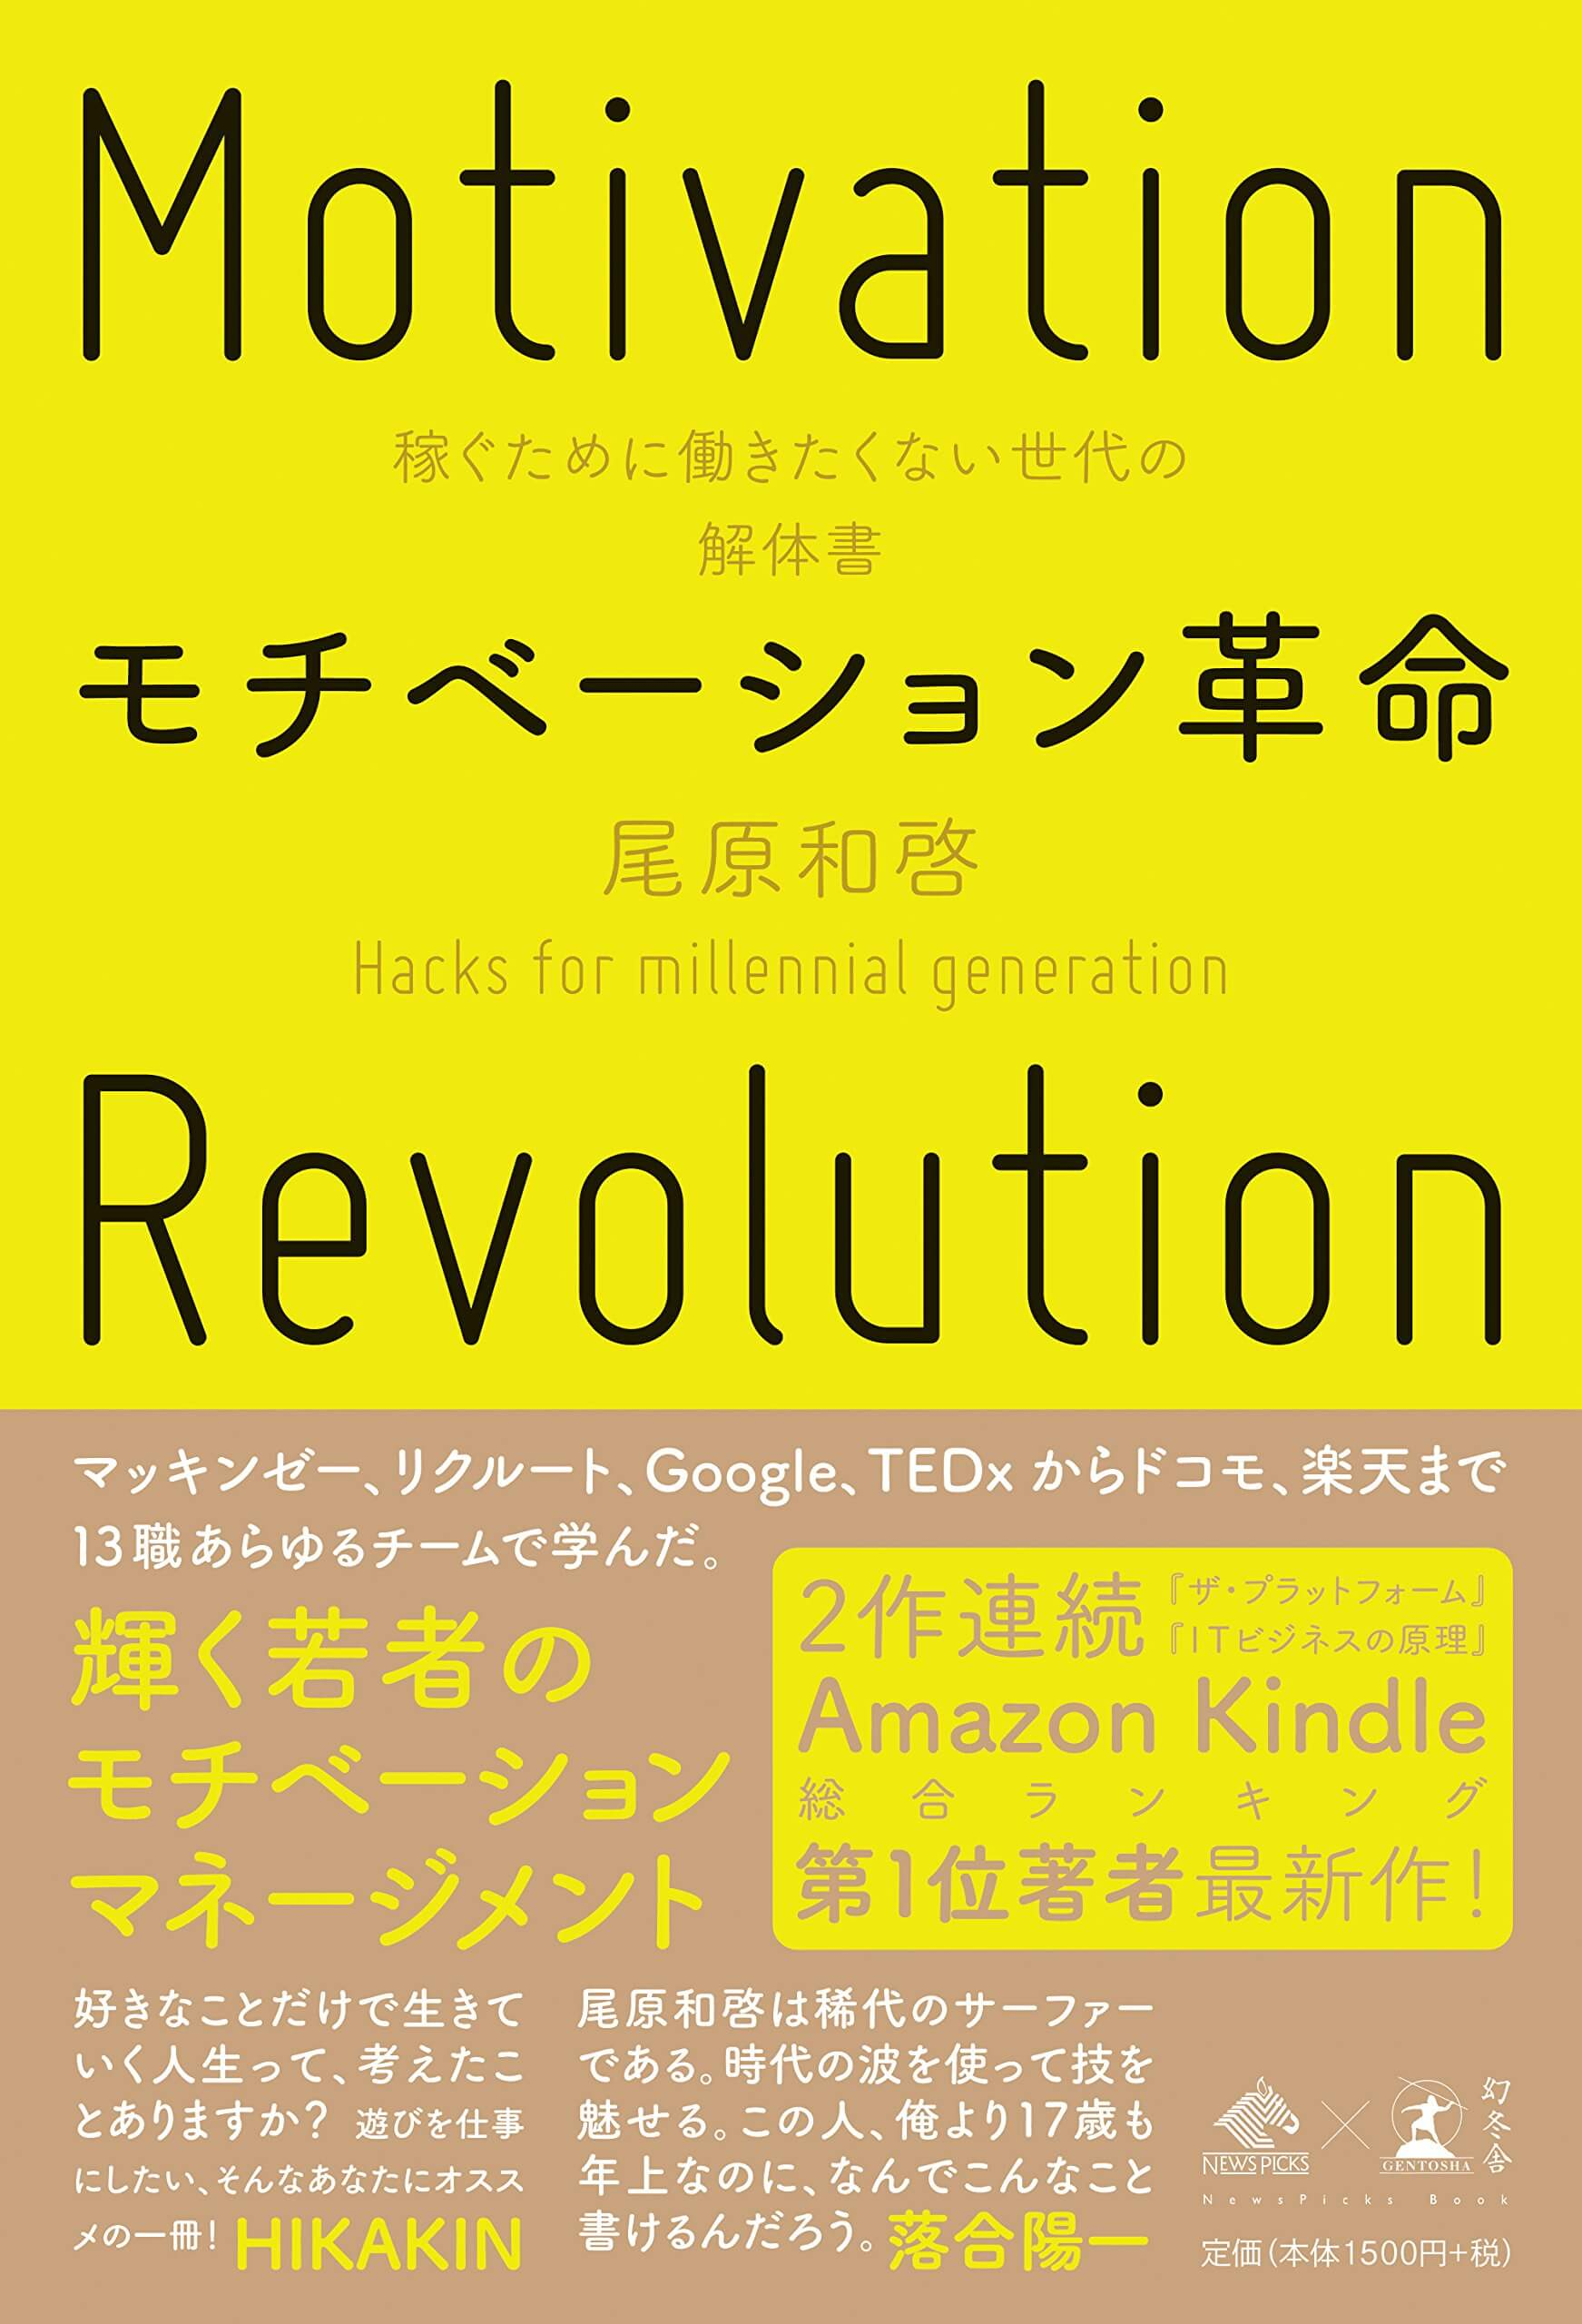 【終了】2017年12月の読書会『モチベーション革命』尾原和啓